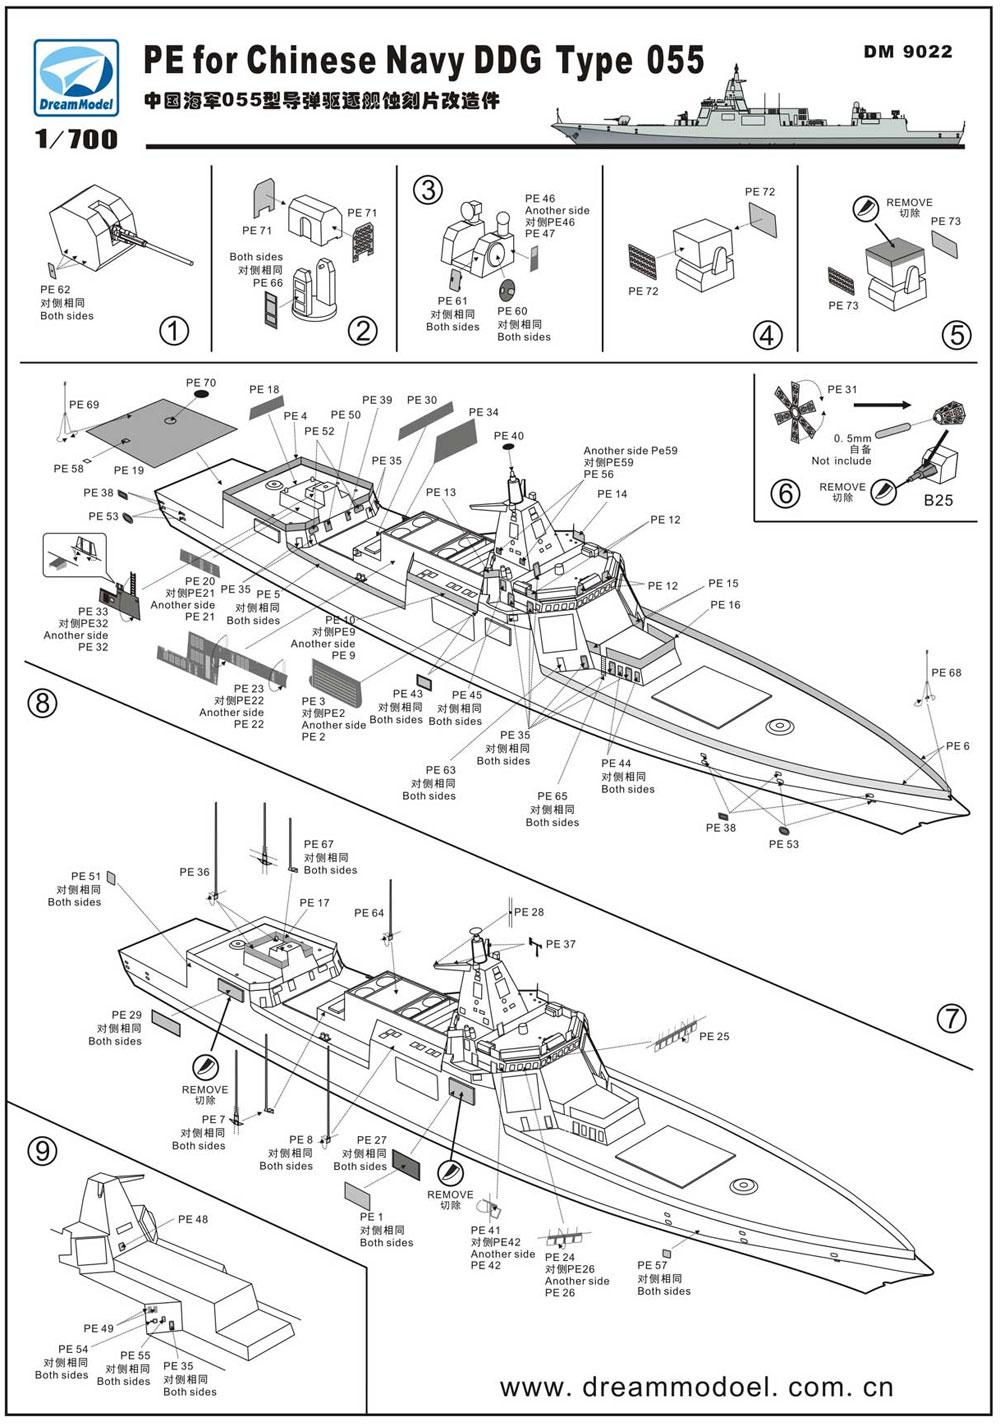 中国海軍 055型 ミサイル駆逐艦 エッチングパーツエッチング(ドリームモデル1/700 エッチングパーツNo.DM9022)商品画像_2